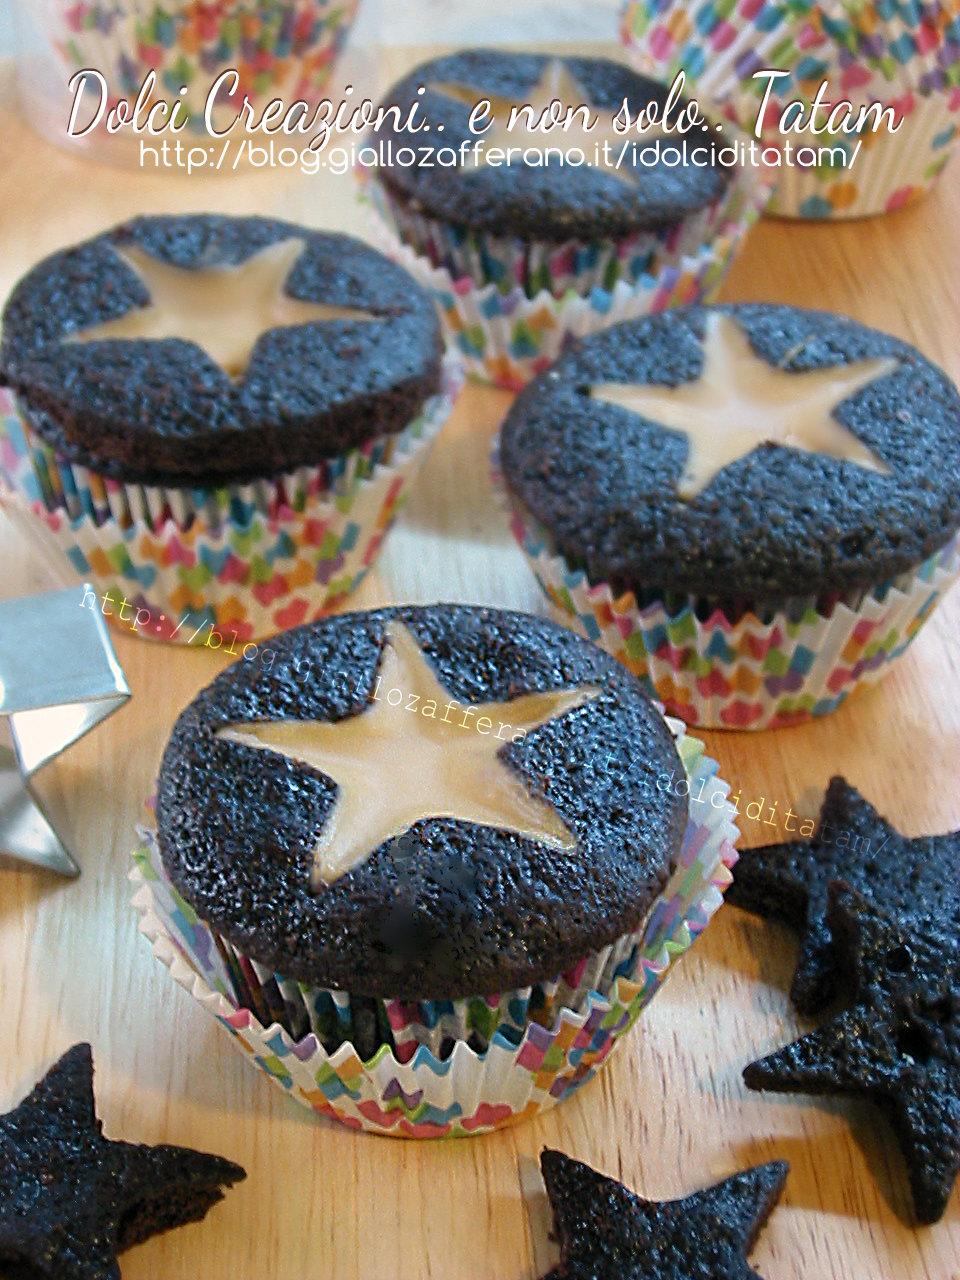 Cupcakes al cacao e brandy con stella al caffe' 1